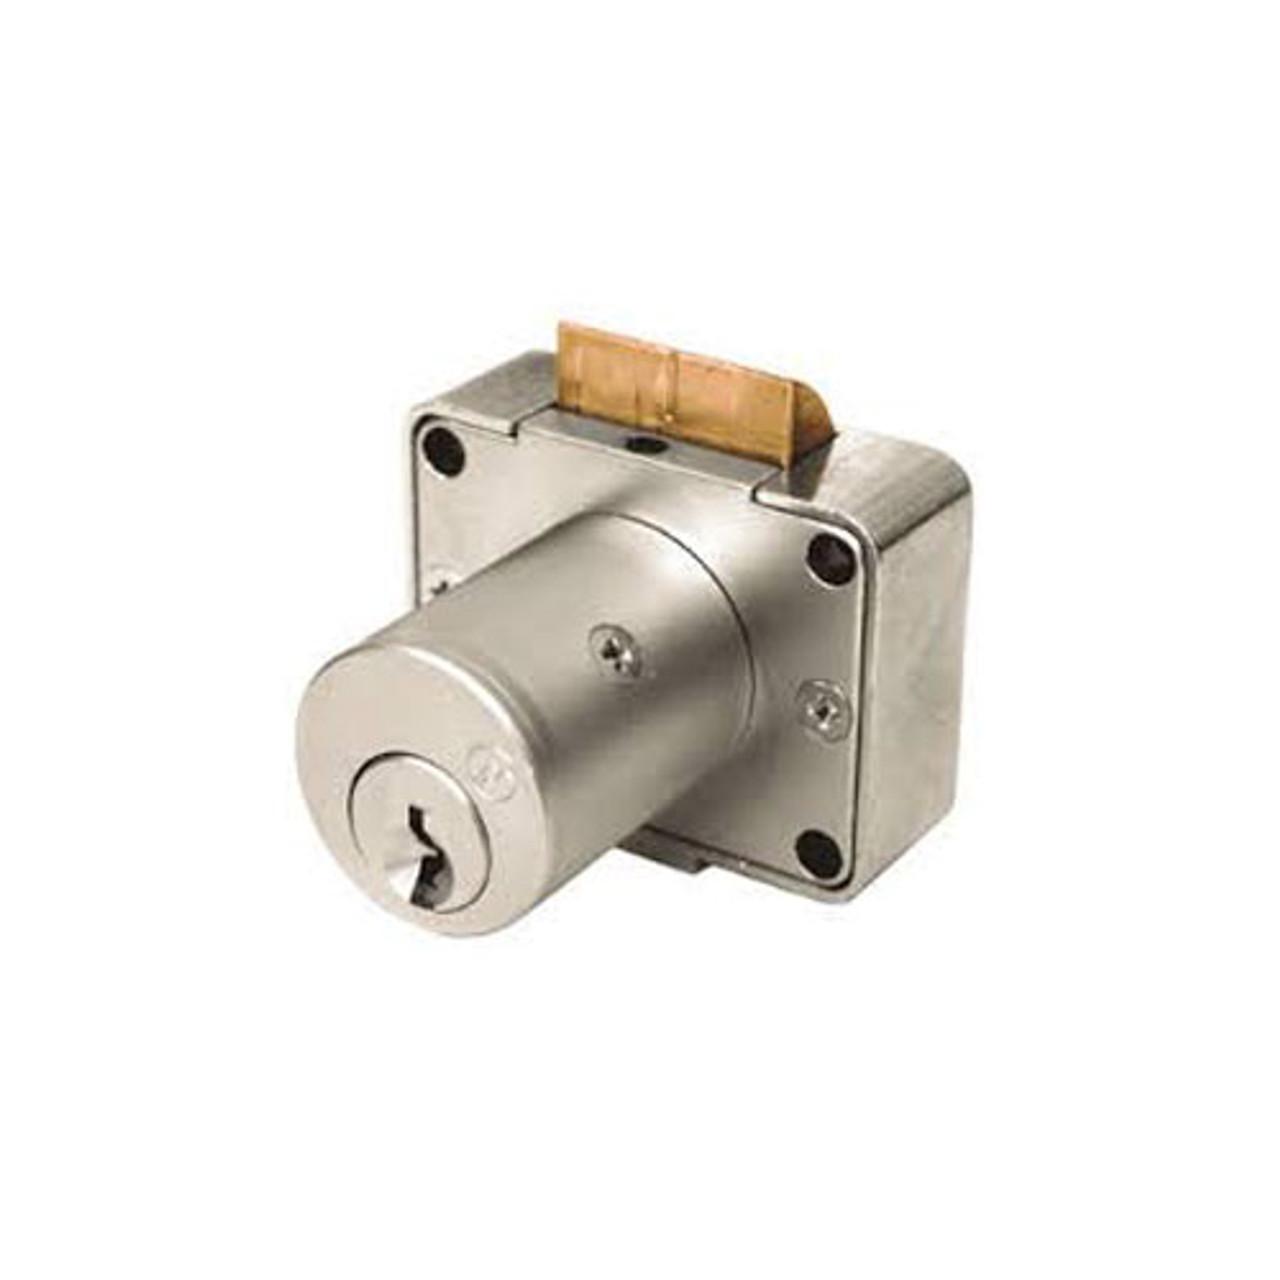 Olympus 996V-VH-KA4T3-26D-7/8 Cabinet Locks in Satin Chrome Finish